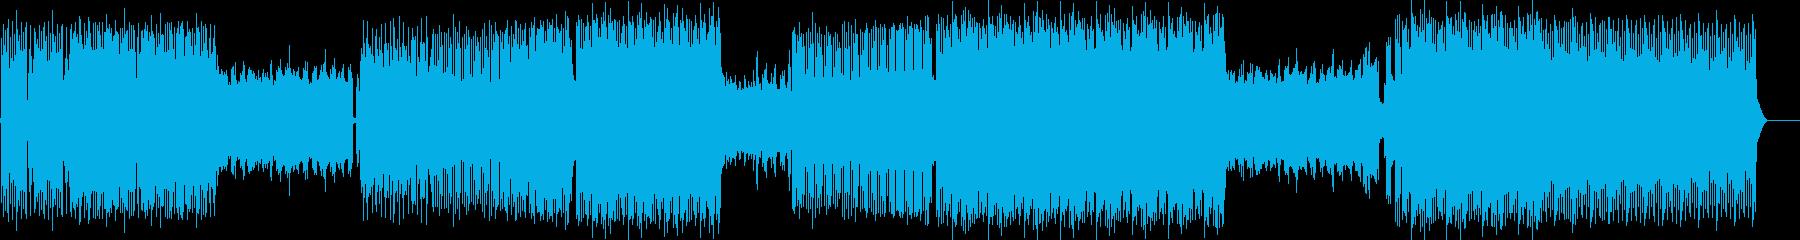 クールなシンセサウンド、4つ打ちの再生済みの波形